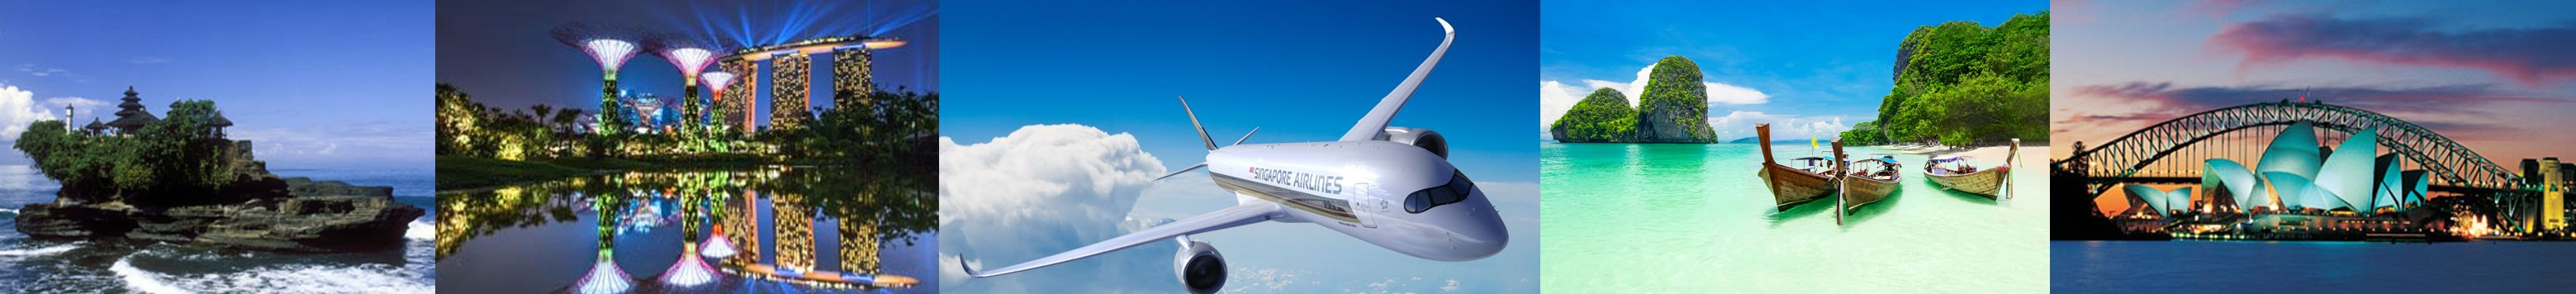 Különleges kényelem a Singapore Airlines járatok fedélzetén